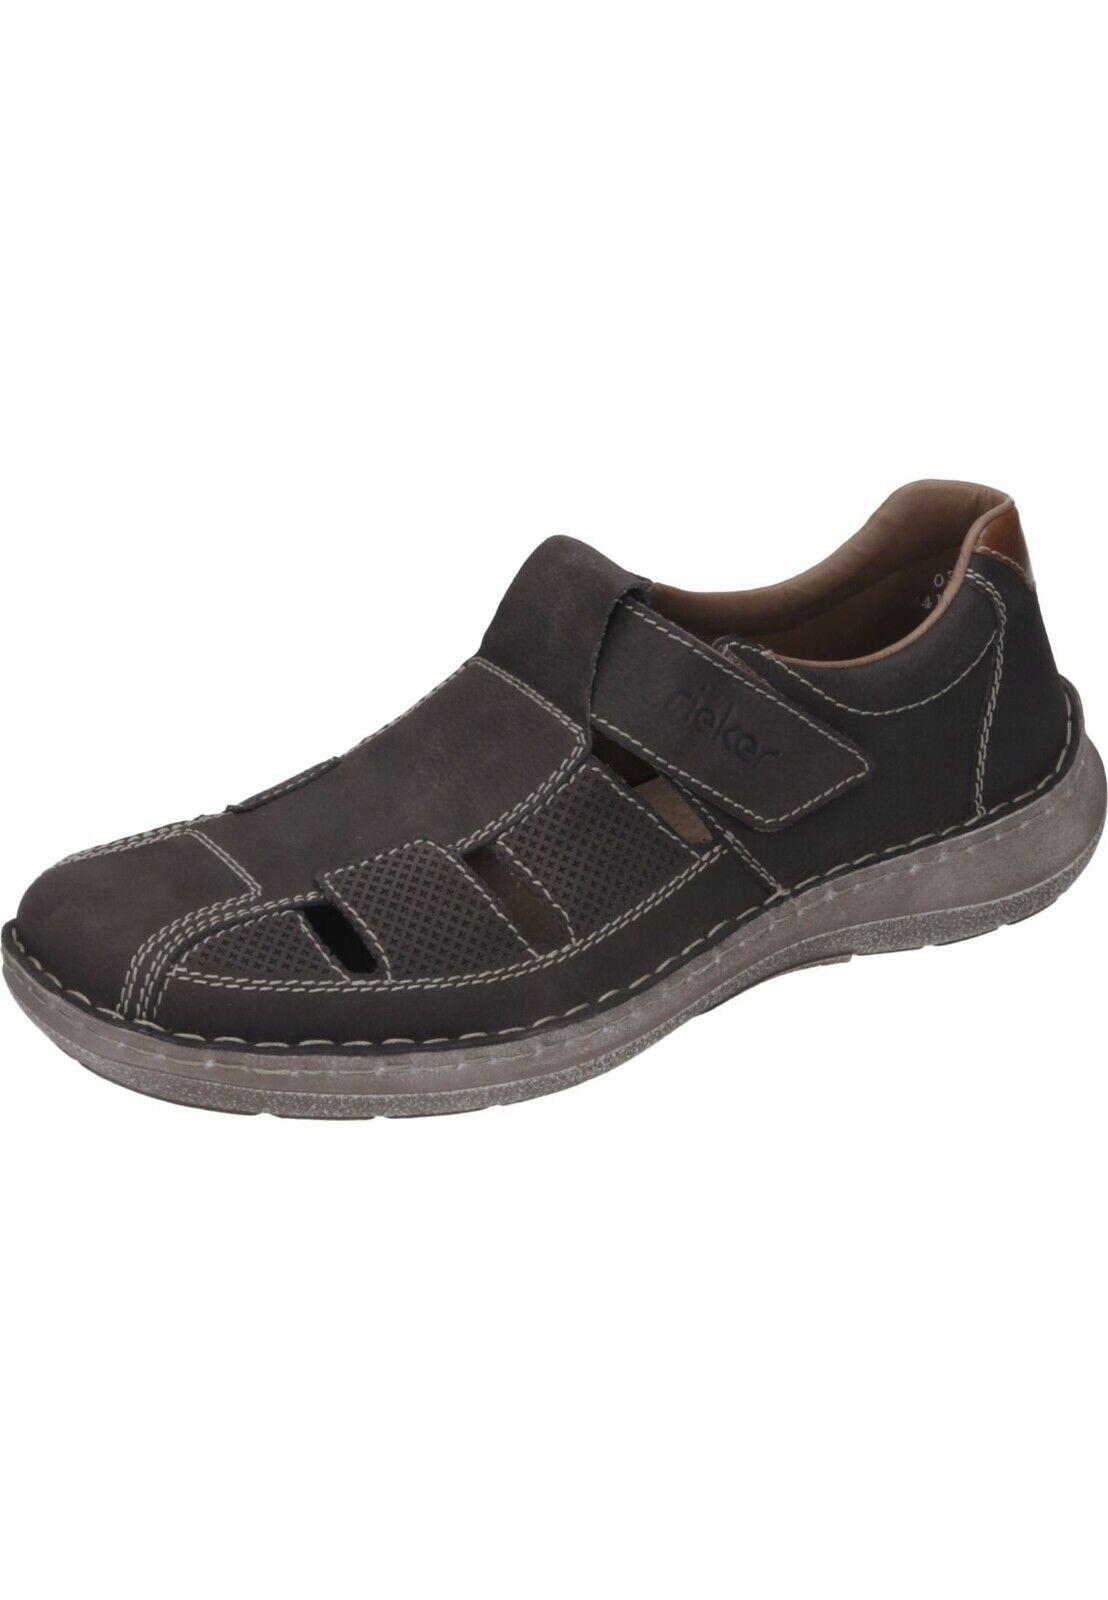 Rieker Sandales Cuir Pantoufles Chaussures hommes marron Taille 40 - 46 03065-25 neu10